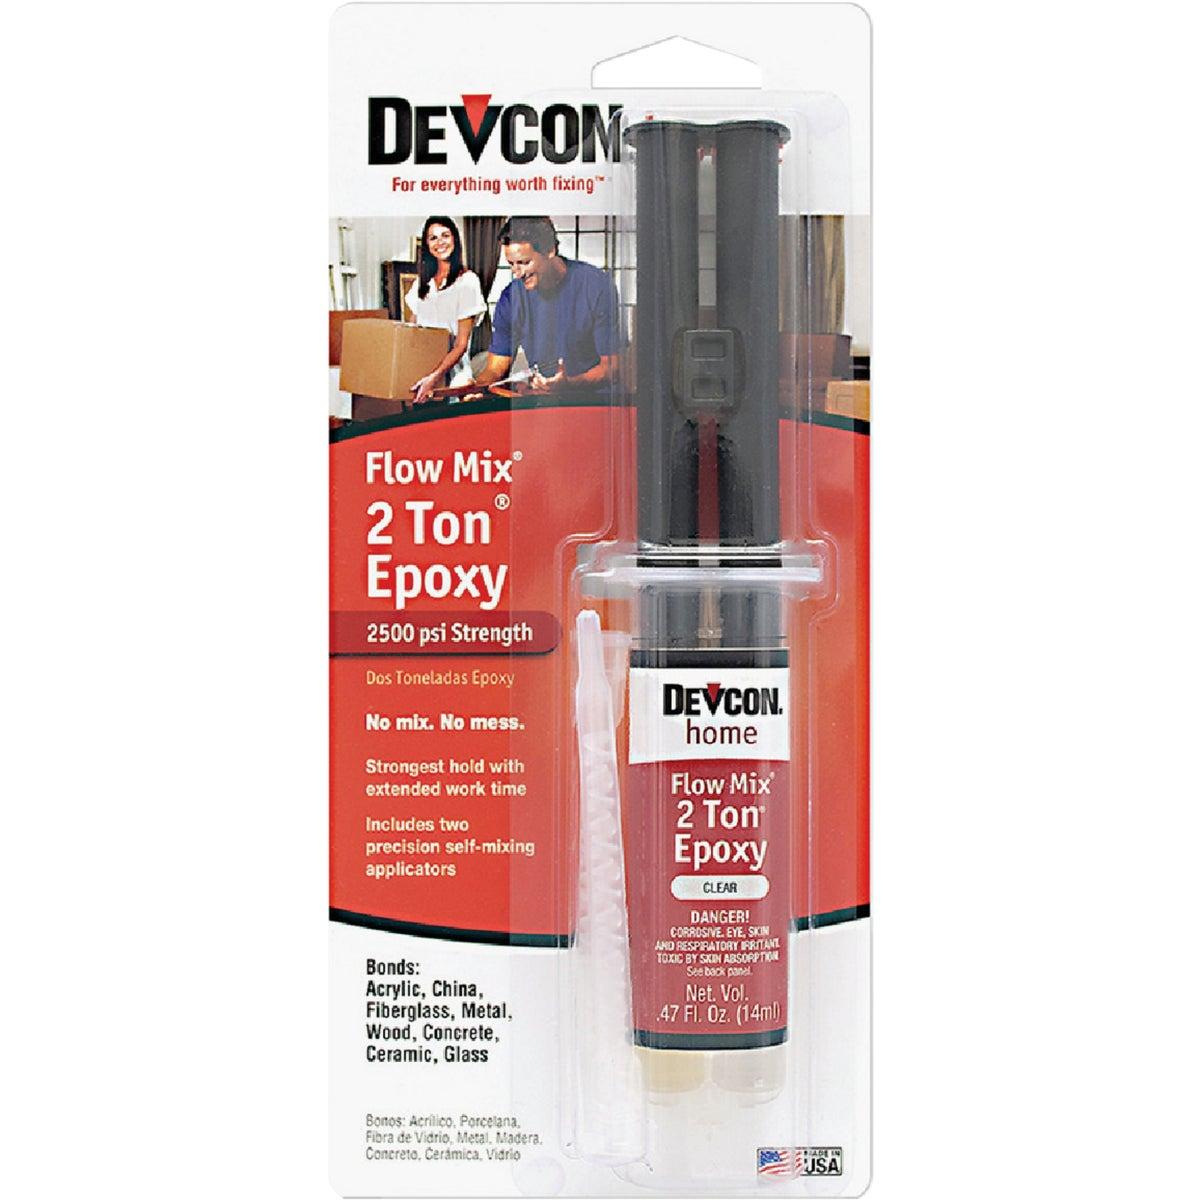 ITW Consumer/ Devcon FLOW-MIX 2-TON EPOXY 23145